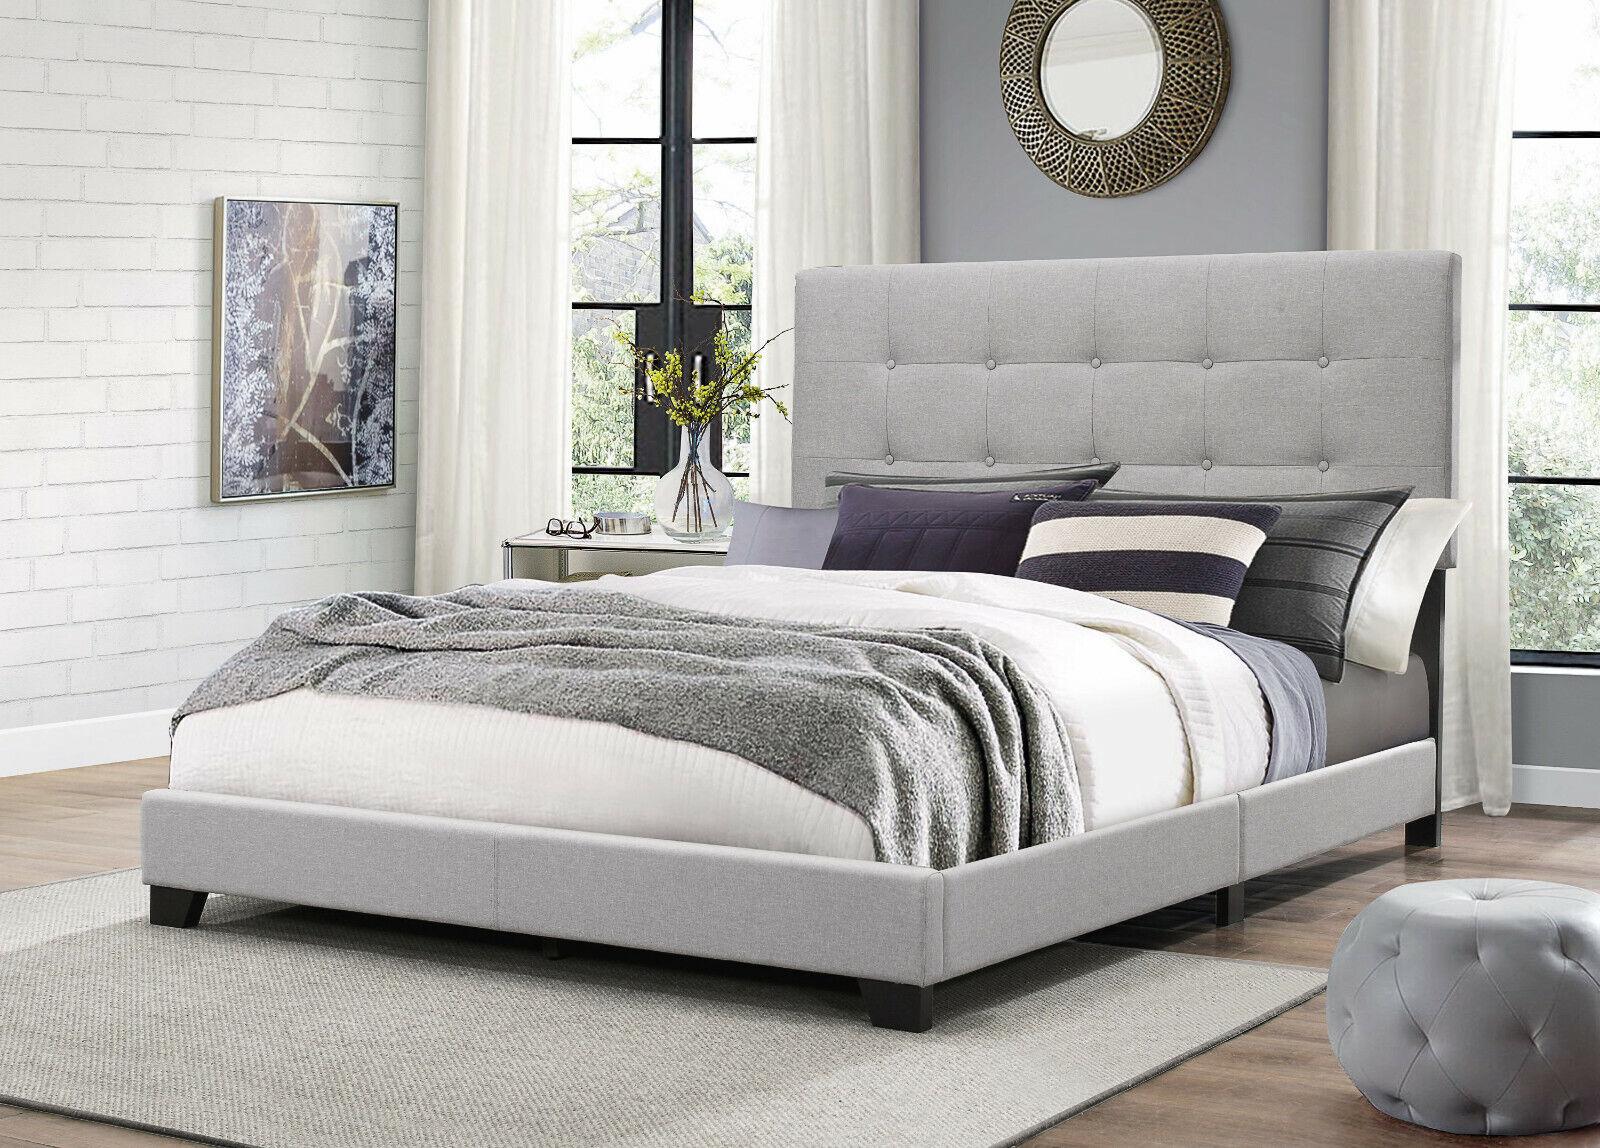 King Size Platform Bed Wood Frame Tufted Headboard Bedroom Gray Upholstered Beds For Sale Online Ebay